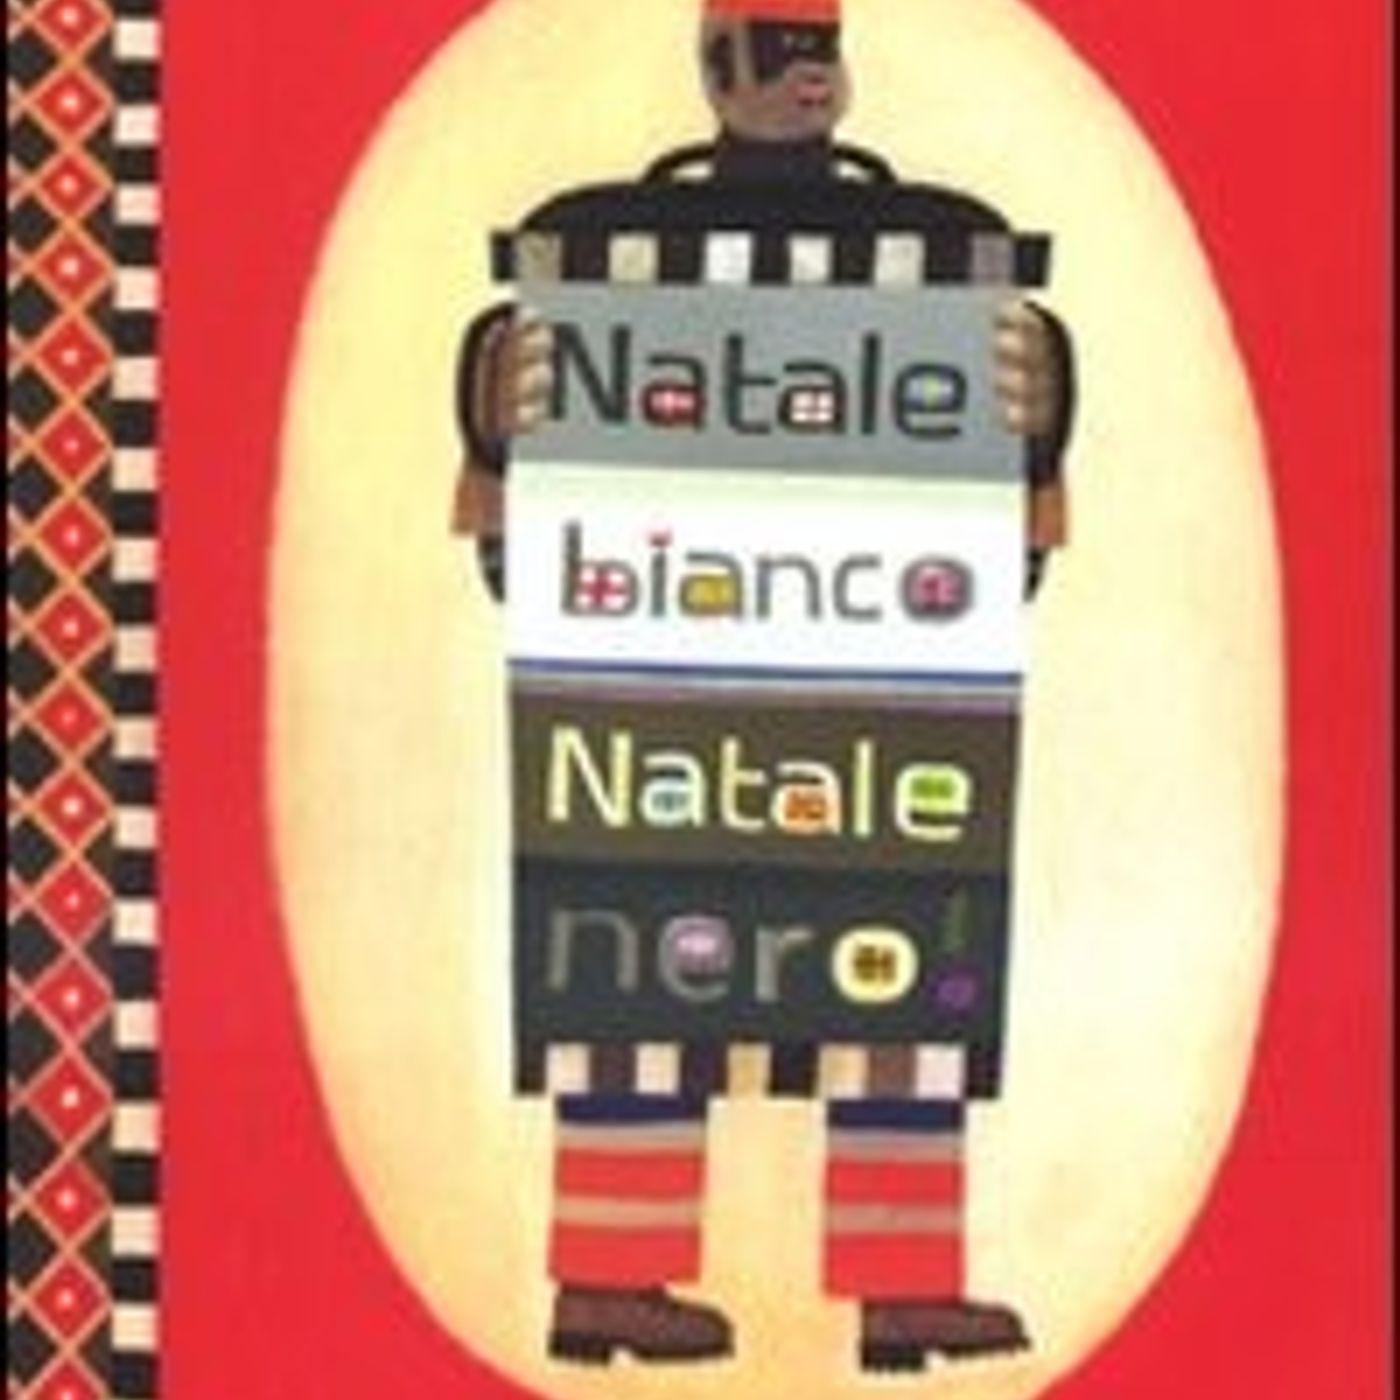 Audiolibri per bambini - Natale Bianco Natale Nero (Beatrice Fontanel)